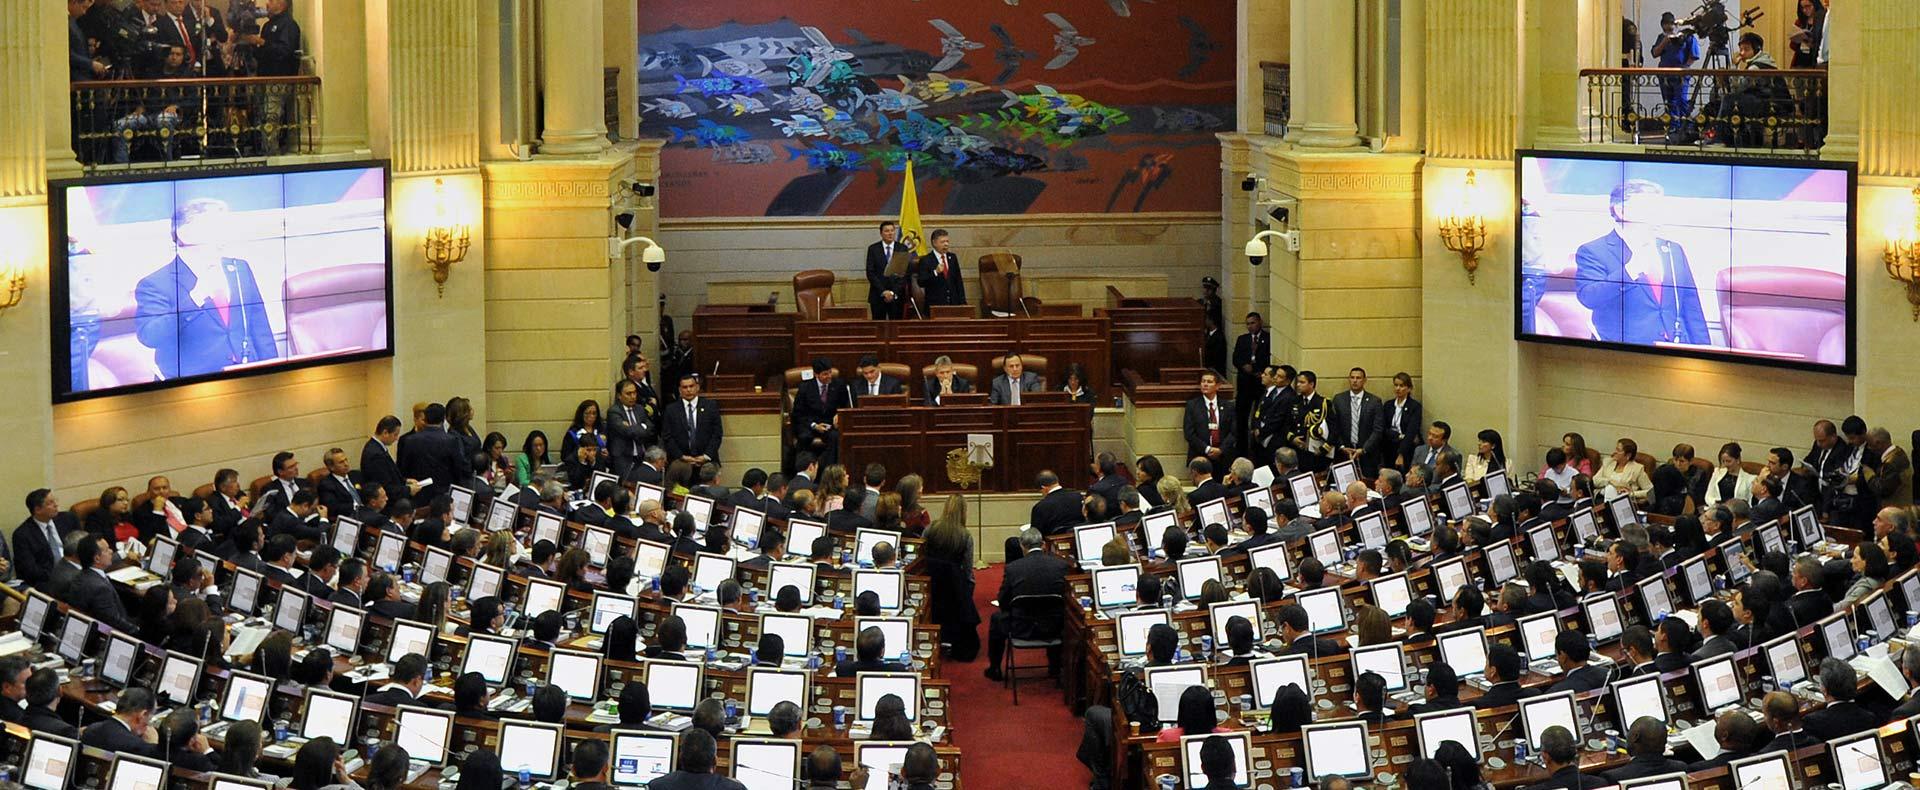 Congreso de la República